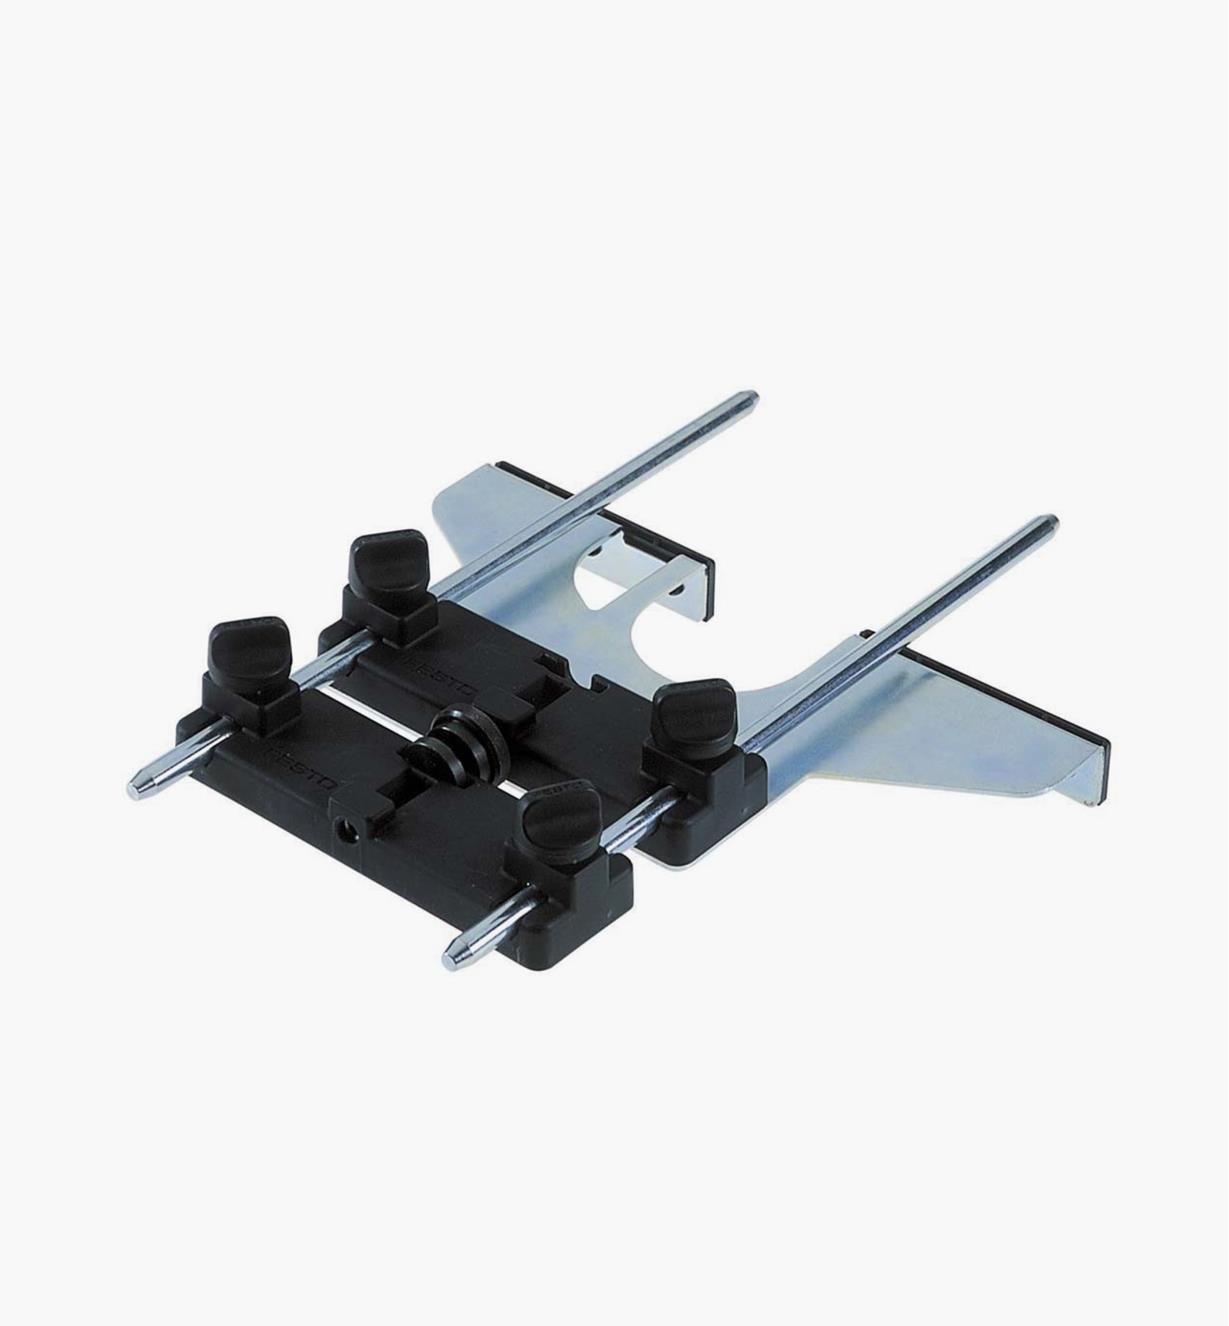 ZA483358 - Réglage fin pour butée latérale